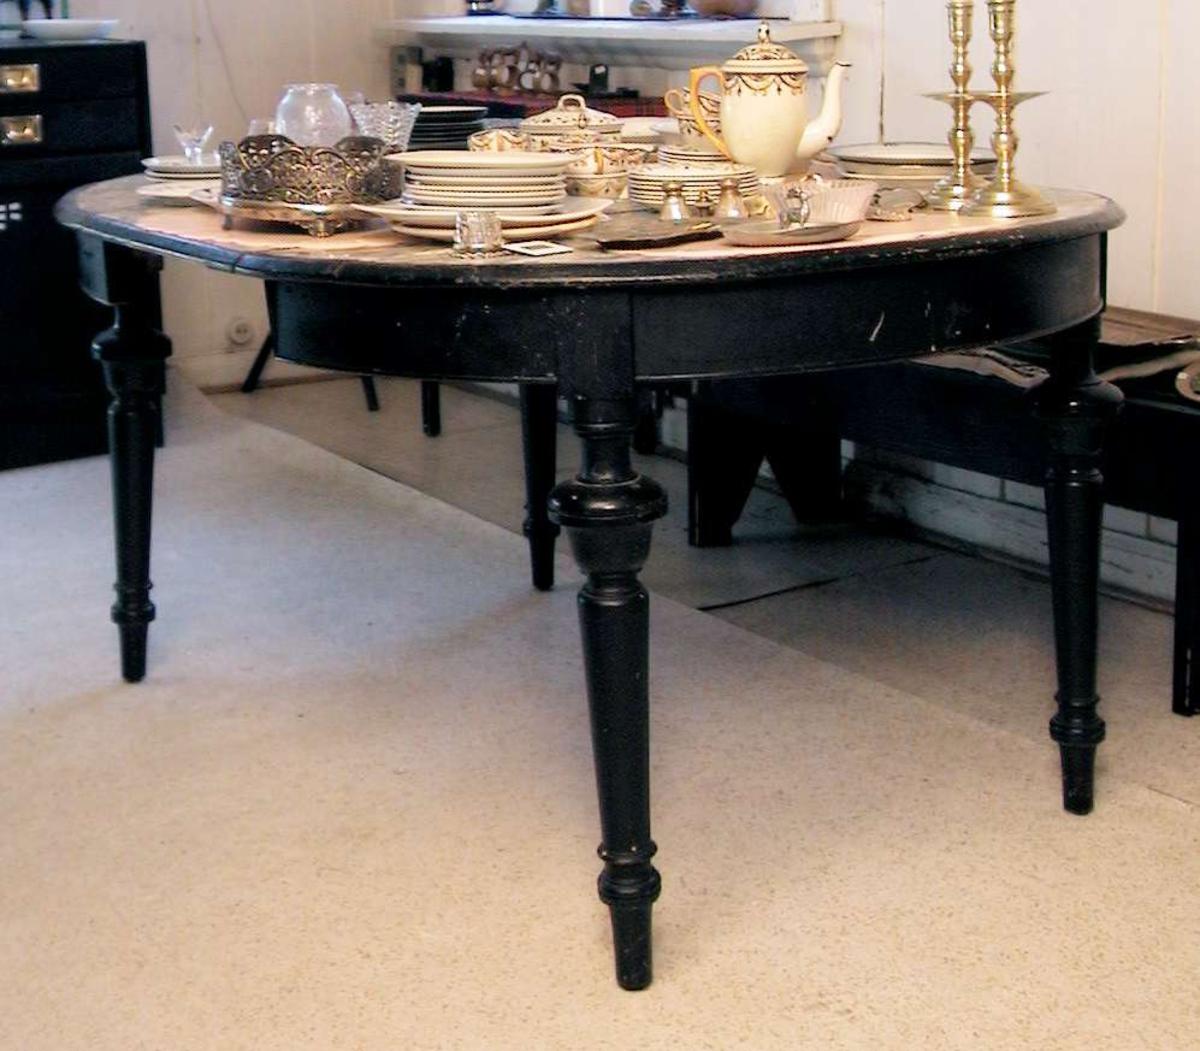 Ovalt spisestuebord med uttrekk og ileggingsplate. Bena er dreide. Bordet er sortmalt. Det er klebet mønstret plast på bordplaten. Fargen under plasten er bondeblå.